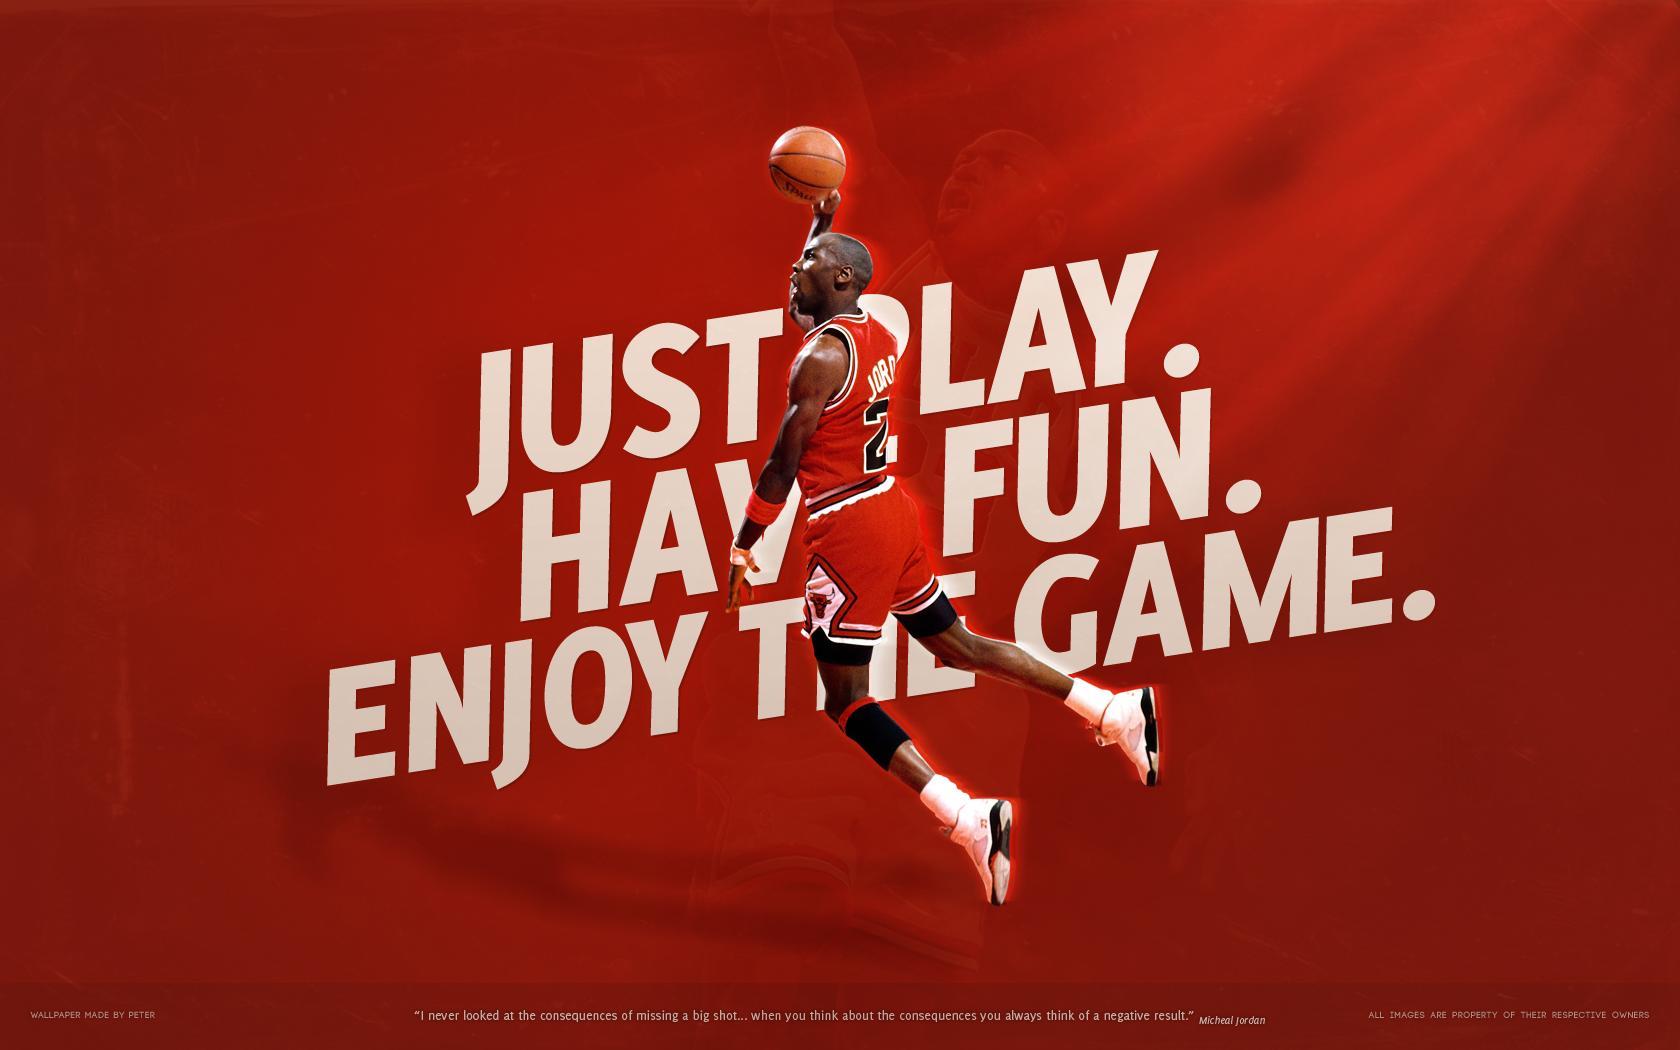 Michael Jordan Quote Hd Wallpapers Free Download: Michael Jordan Quotes Wallpaper